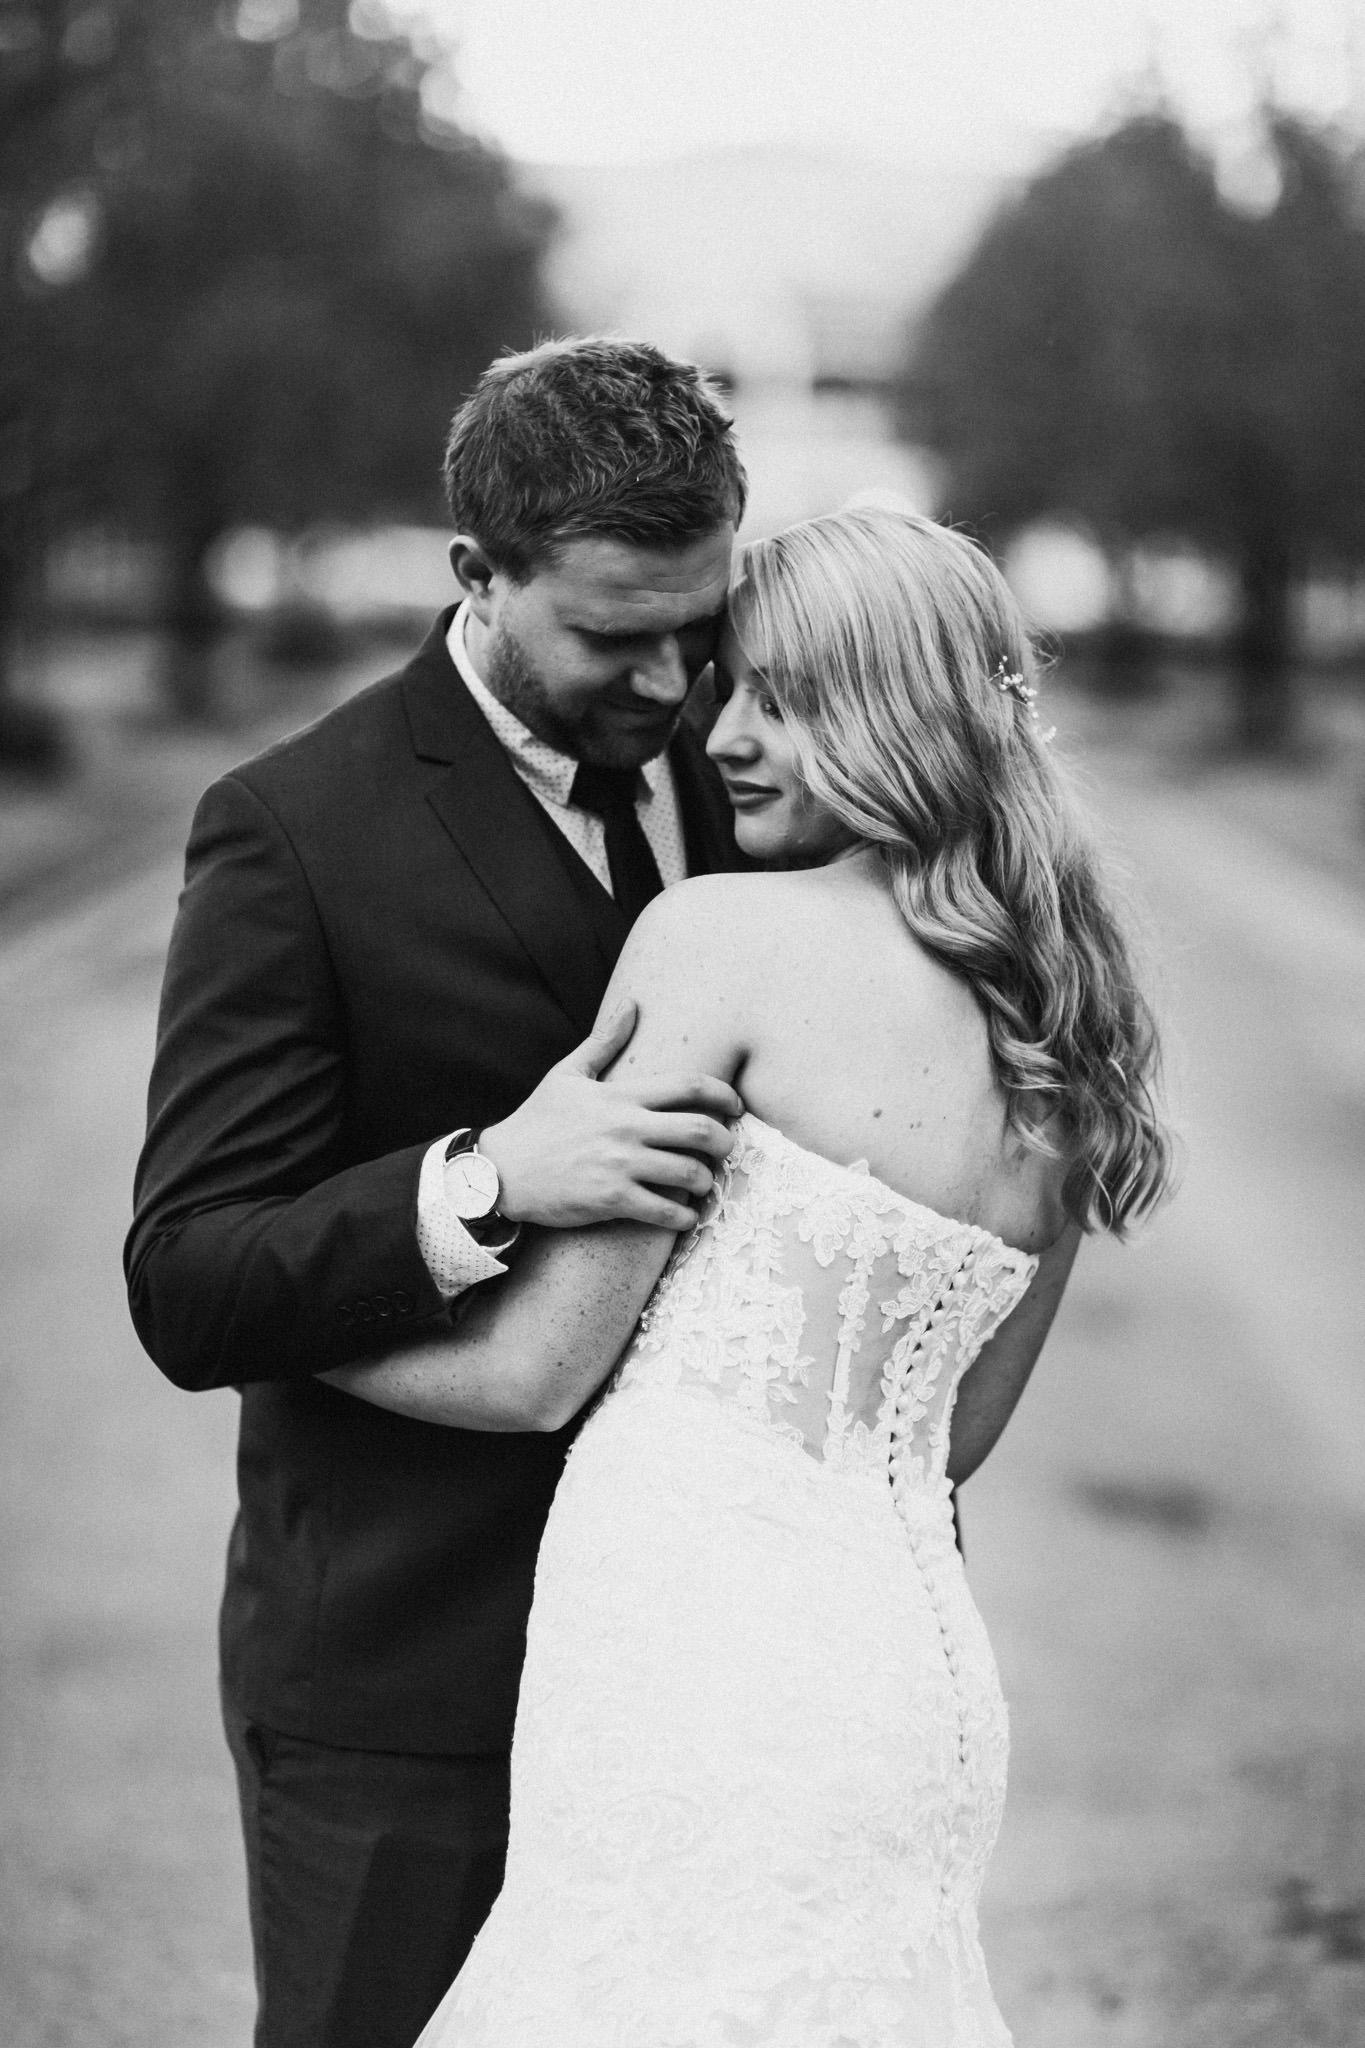 WeddingPhotos_Facebook_2048pixels-1107.jpg